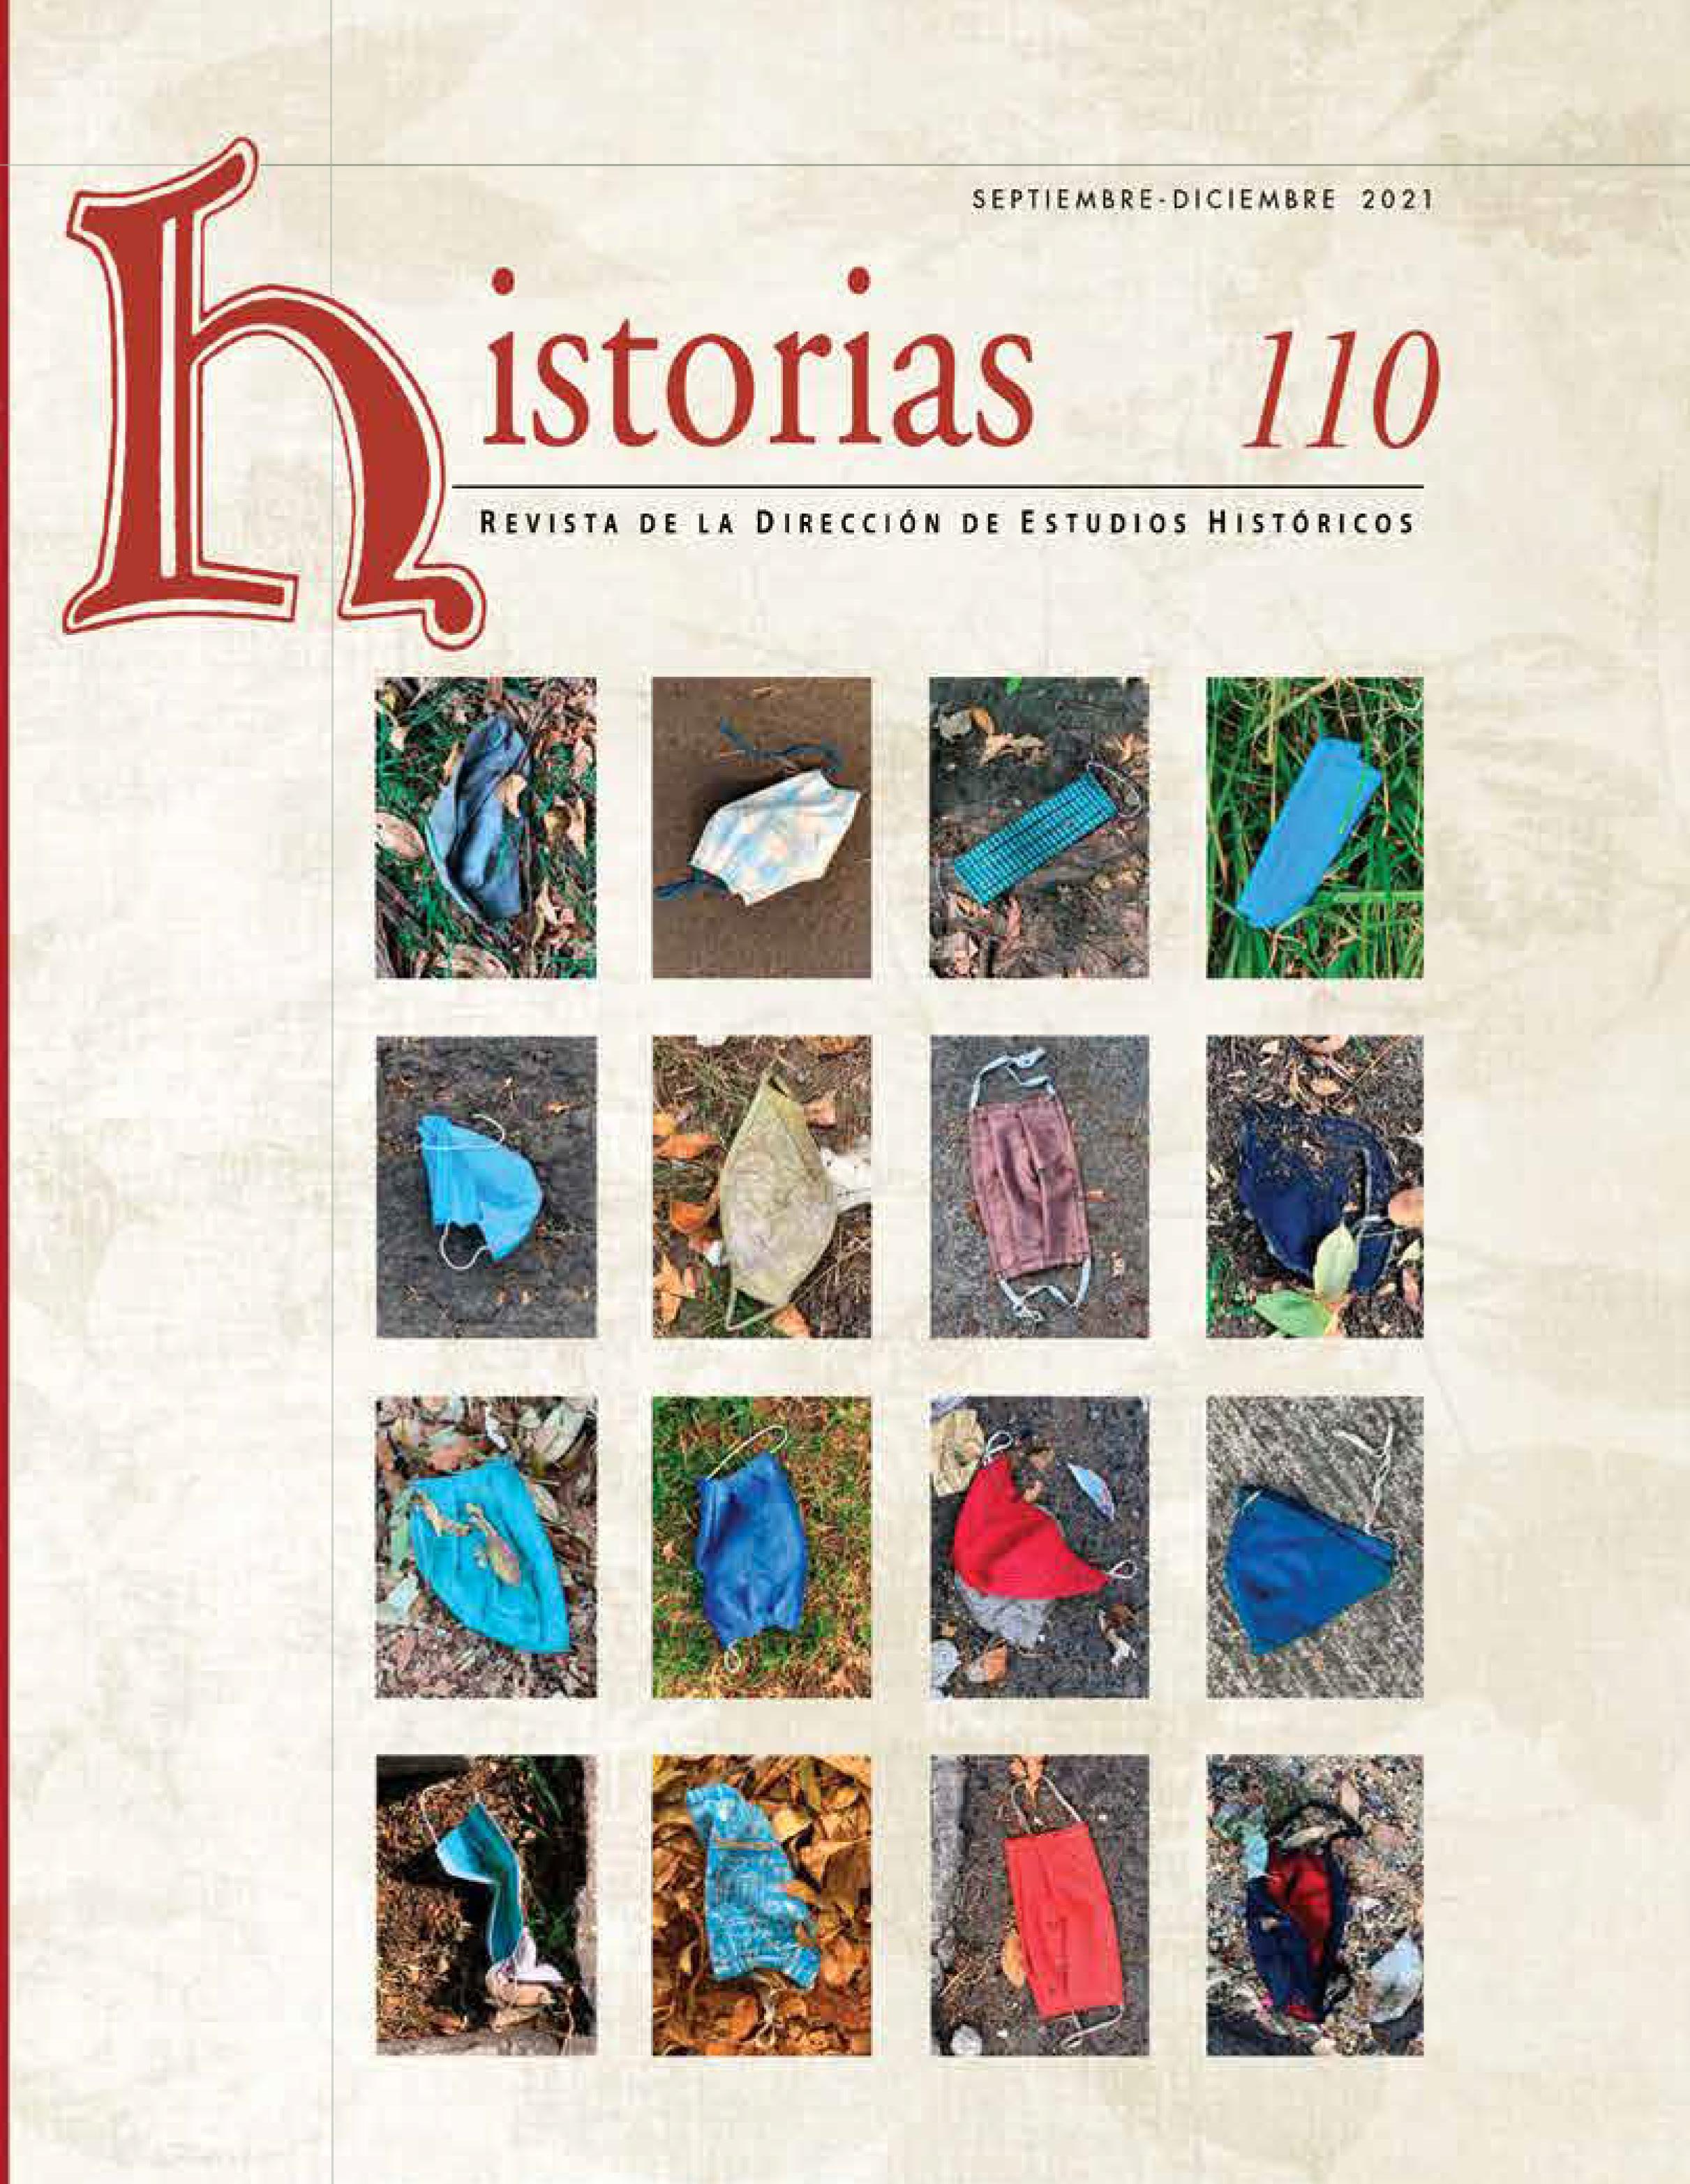 Historias. Revista de la Dirección de Estudios Históricos